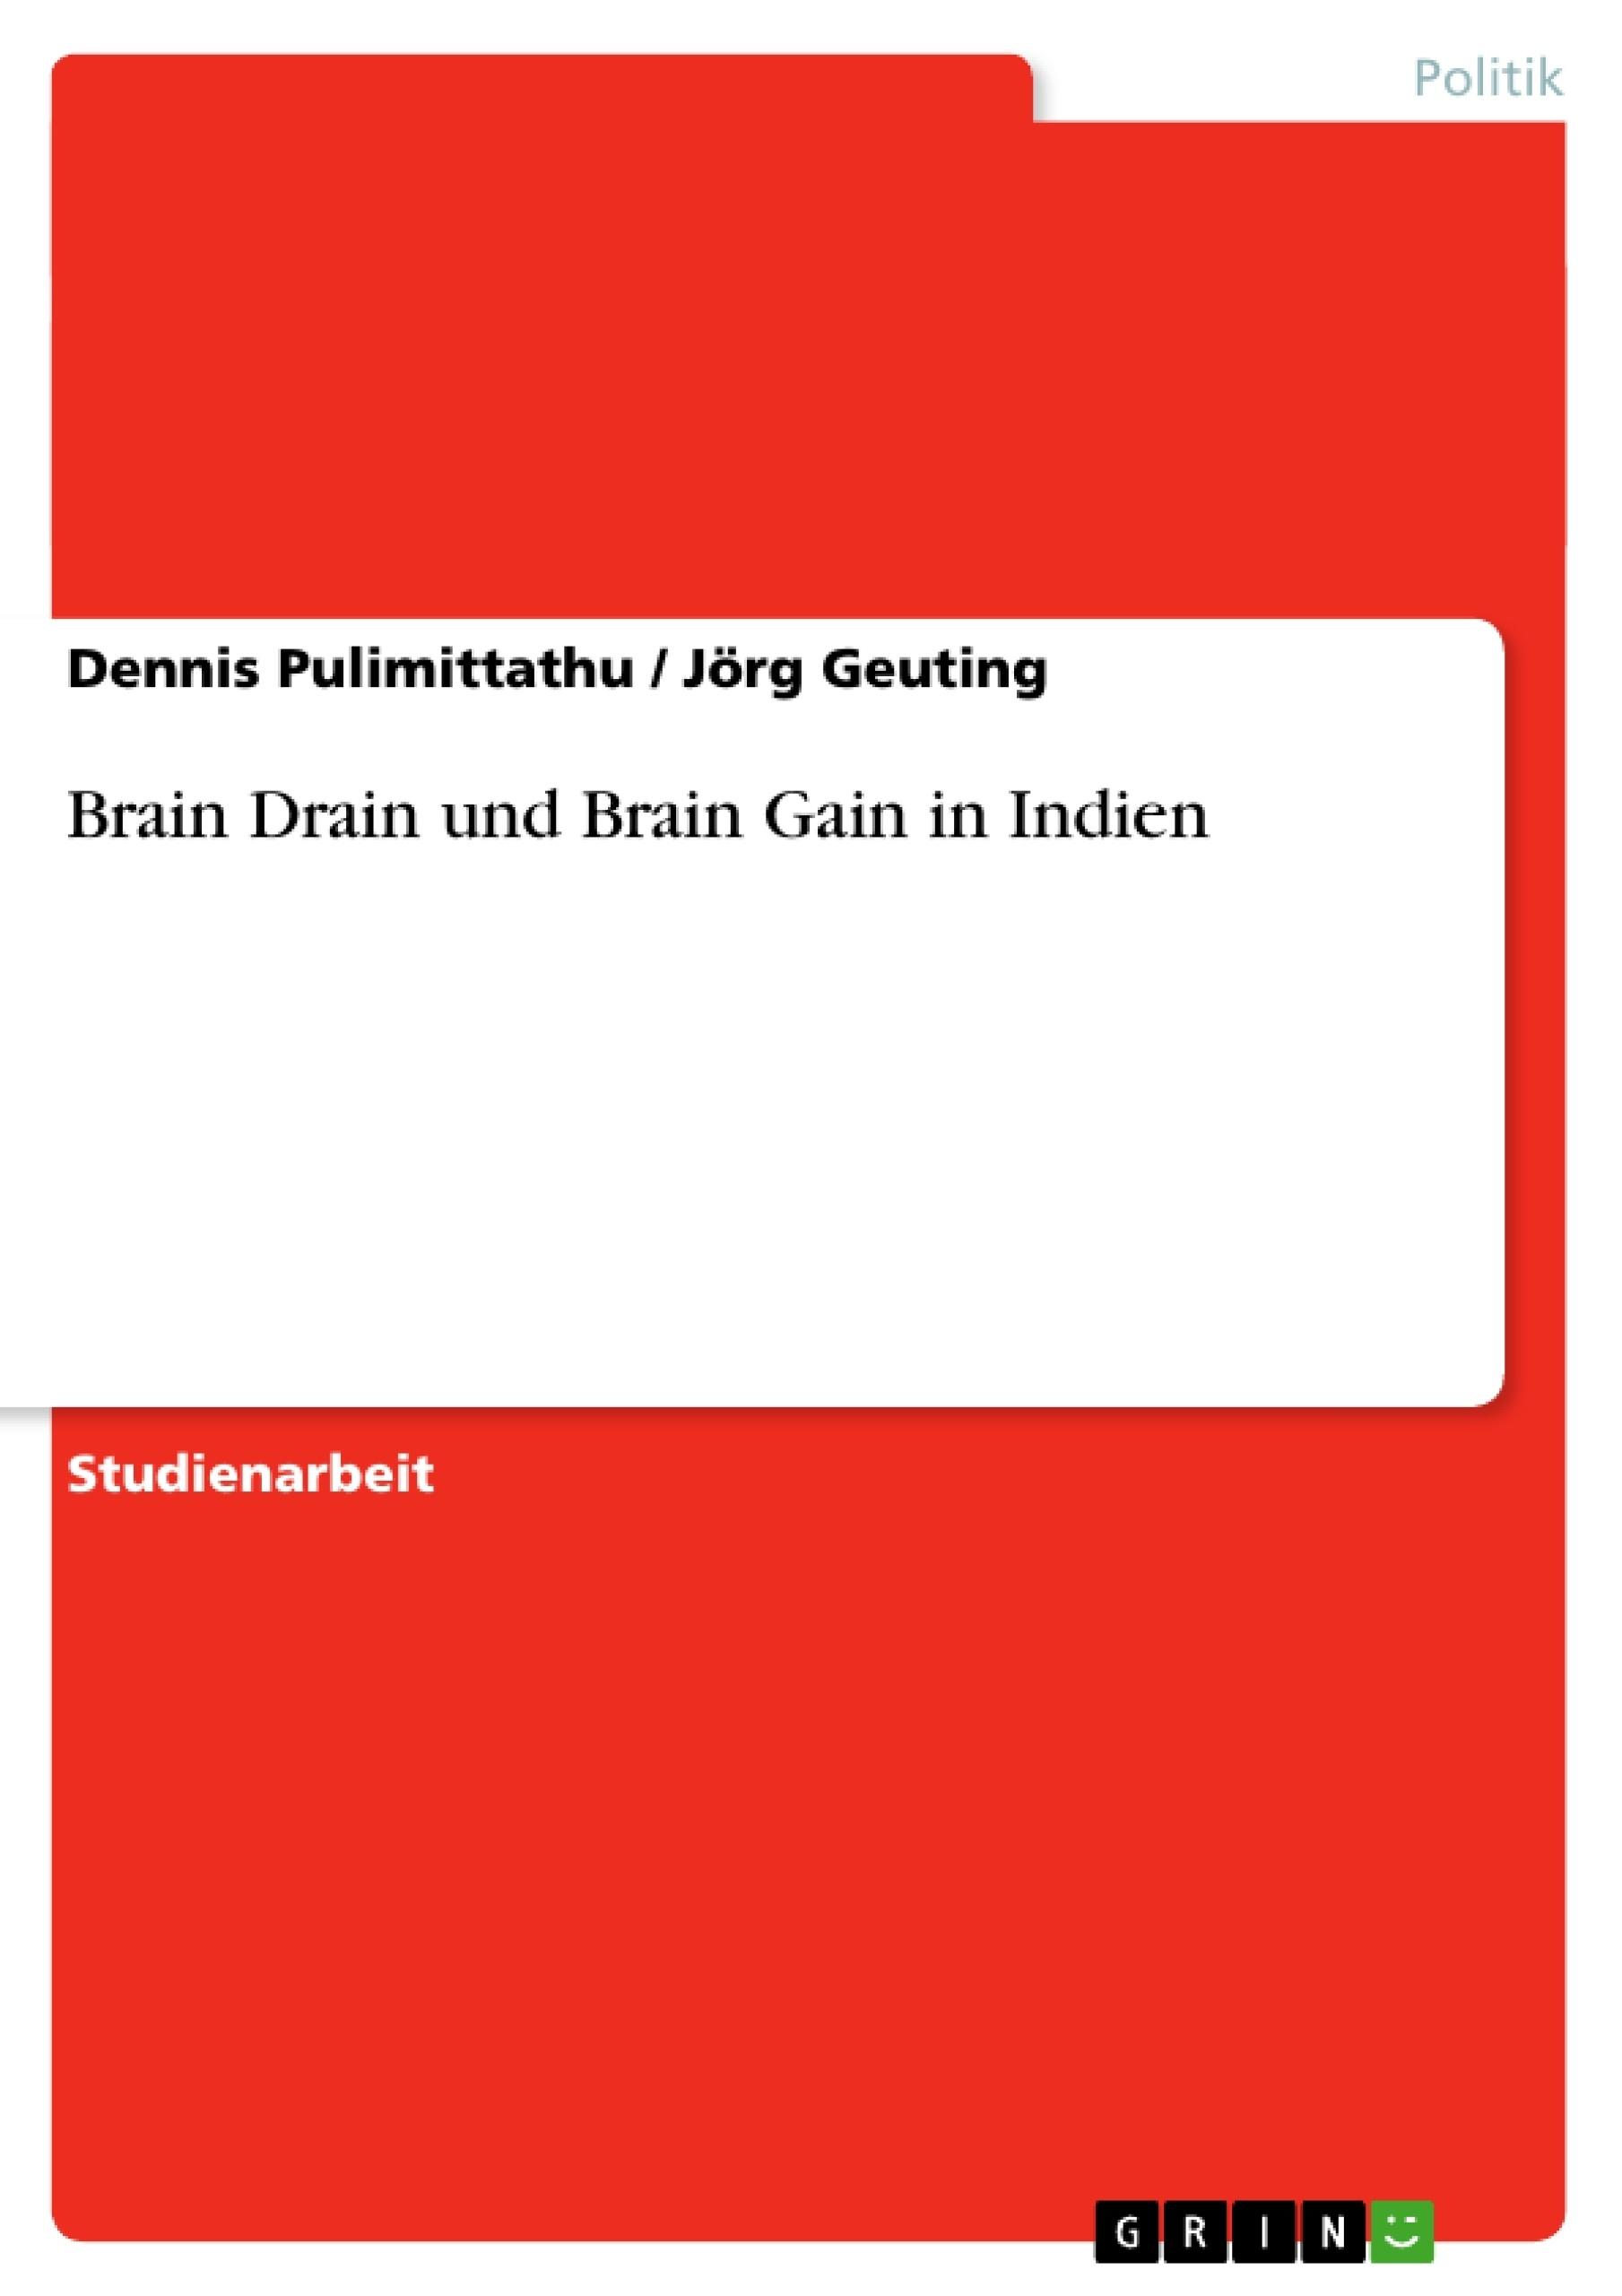 Titel: Brain Drain und Brain Gain in Indien